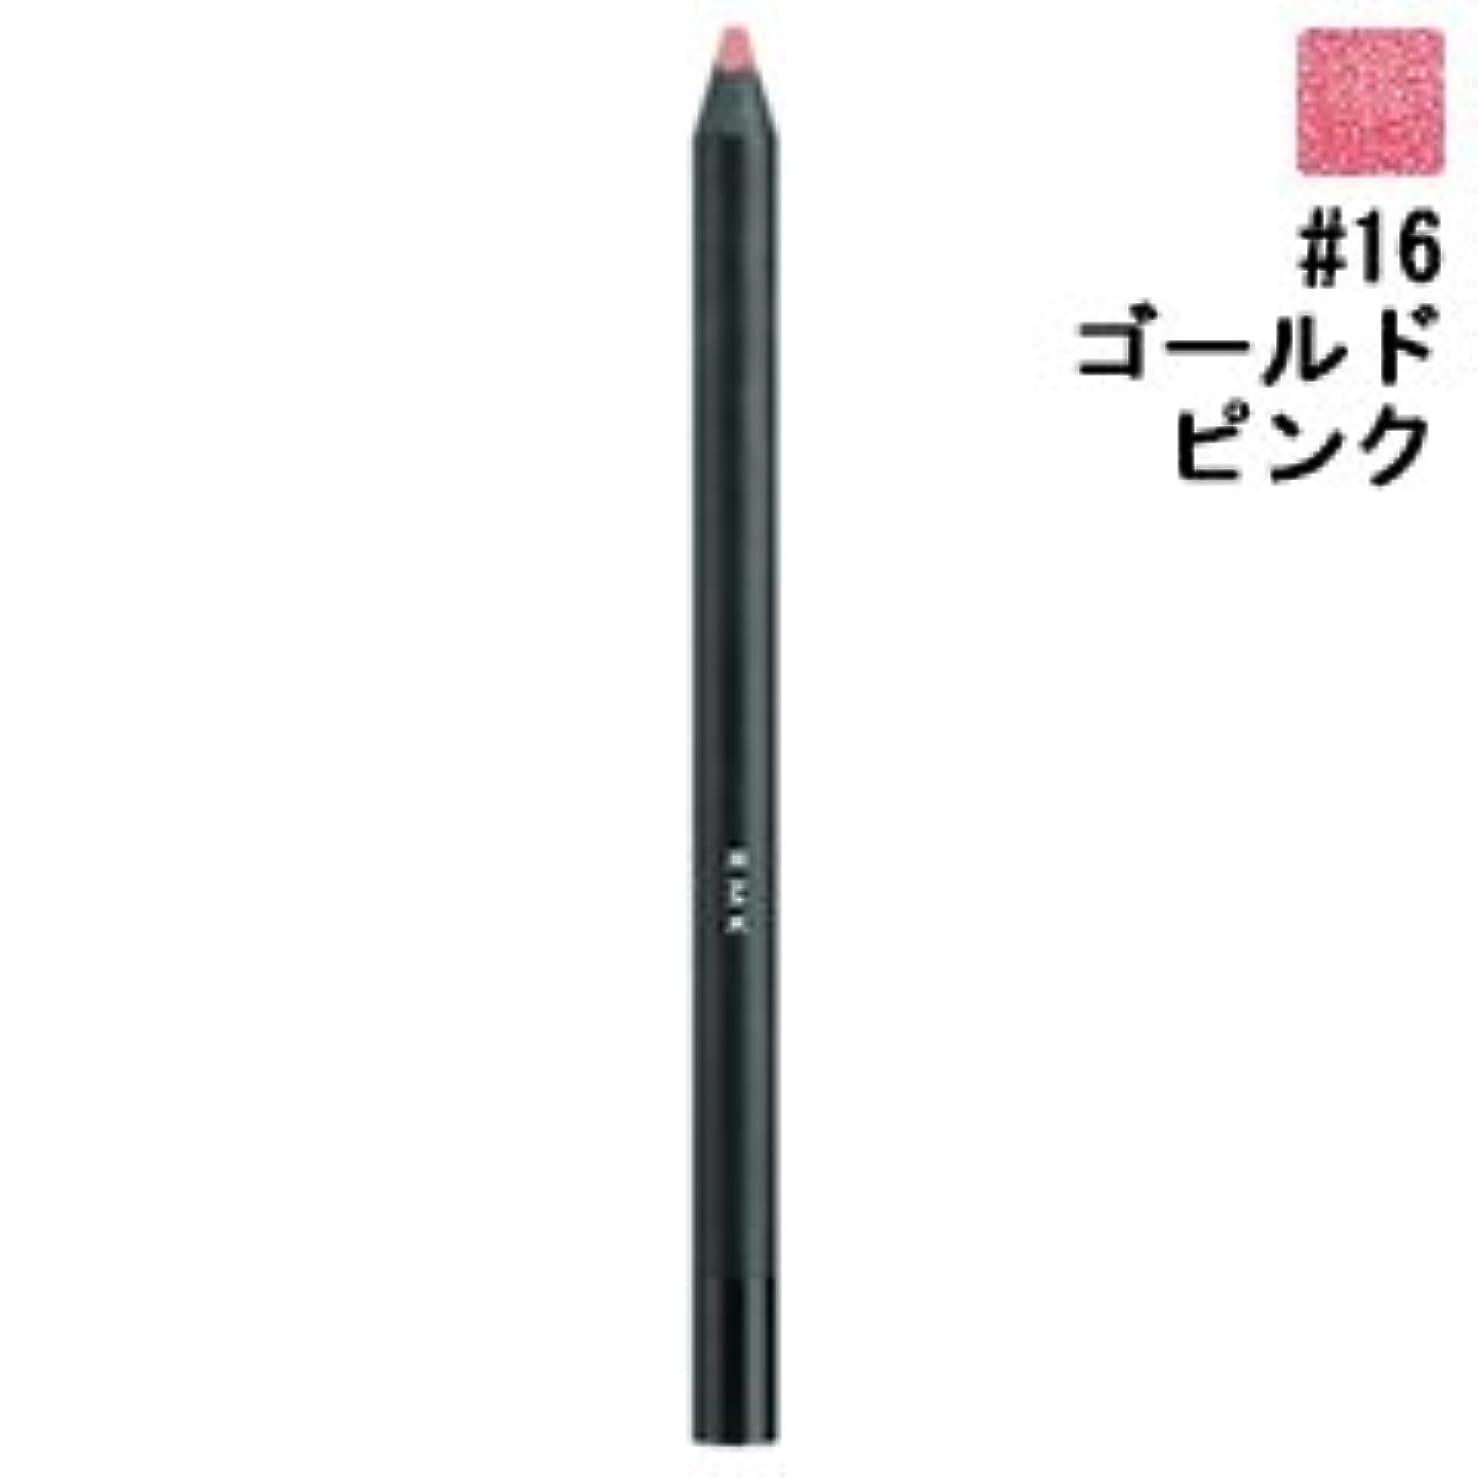 葉巻溶融タイヤRMK アールエムケー イレジスティブル リップ ライナー N #16 Gold Pink 1.1g [並行輸入品]